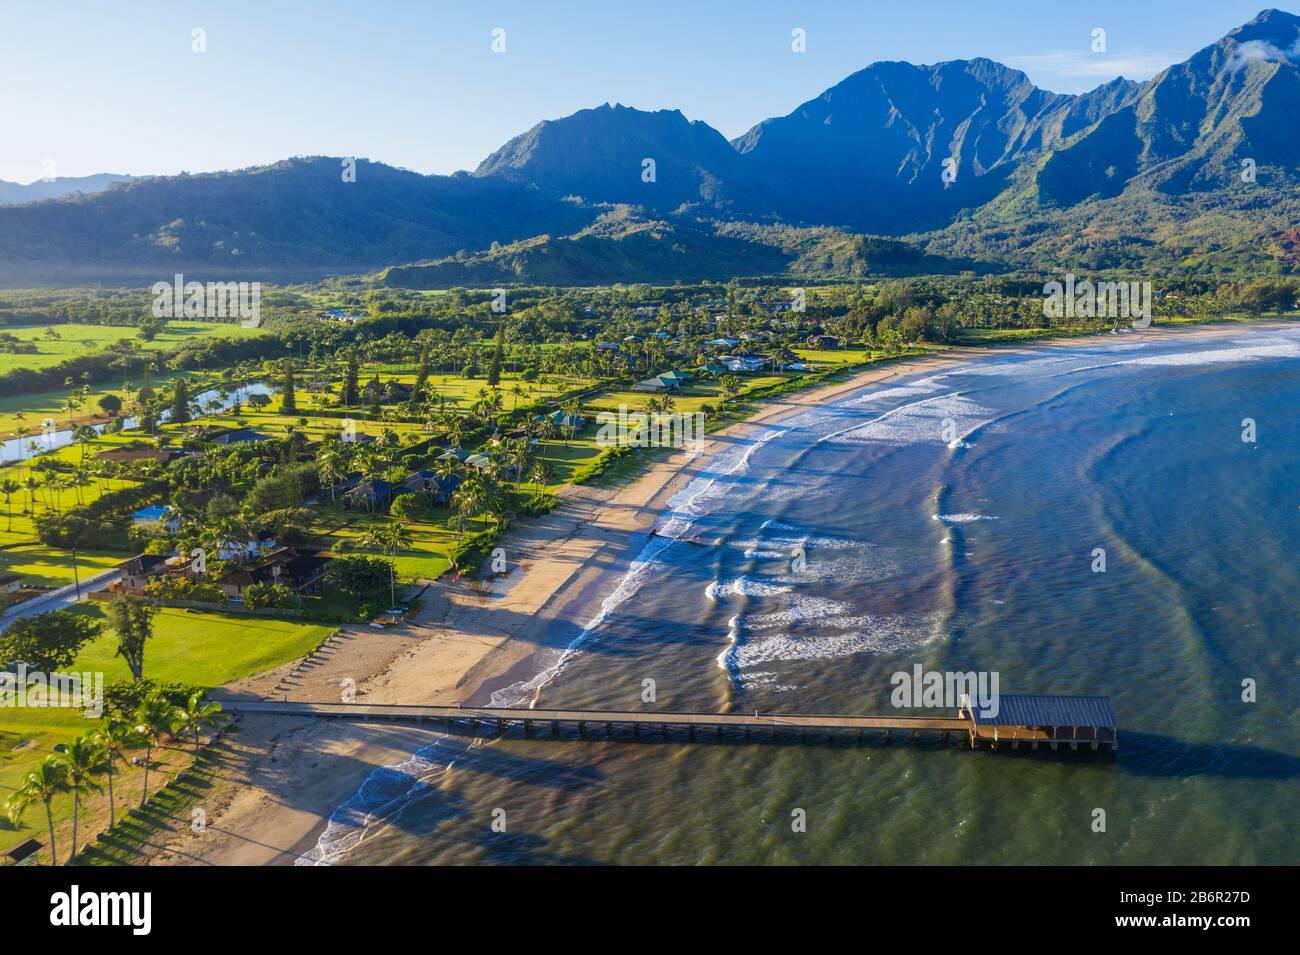 Estados Unidos de América, Hawai, Isla Kauai, Bahía Hanalei, vista aérea Foto de stock